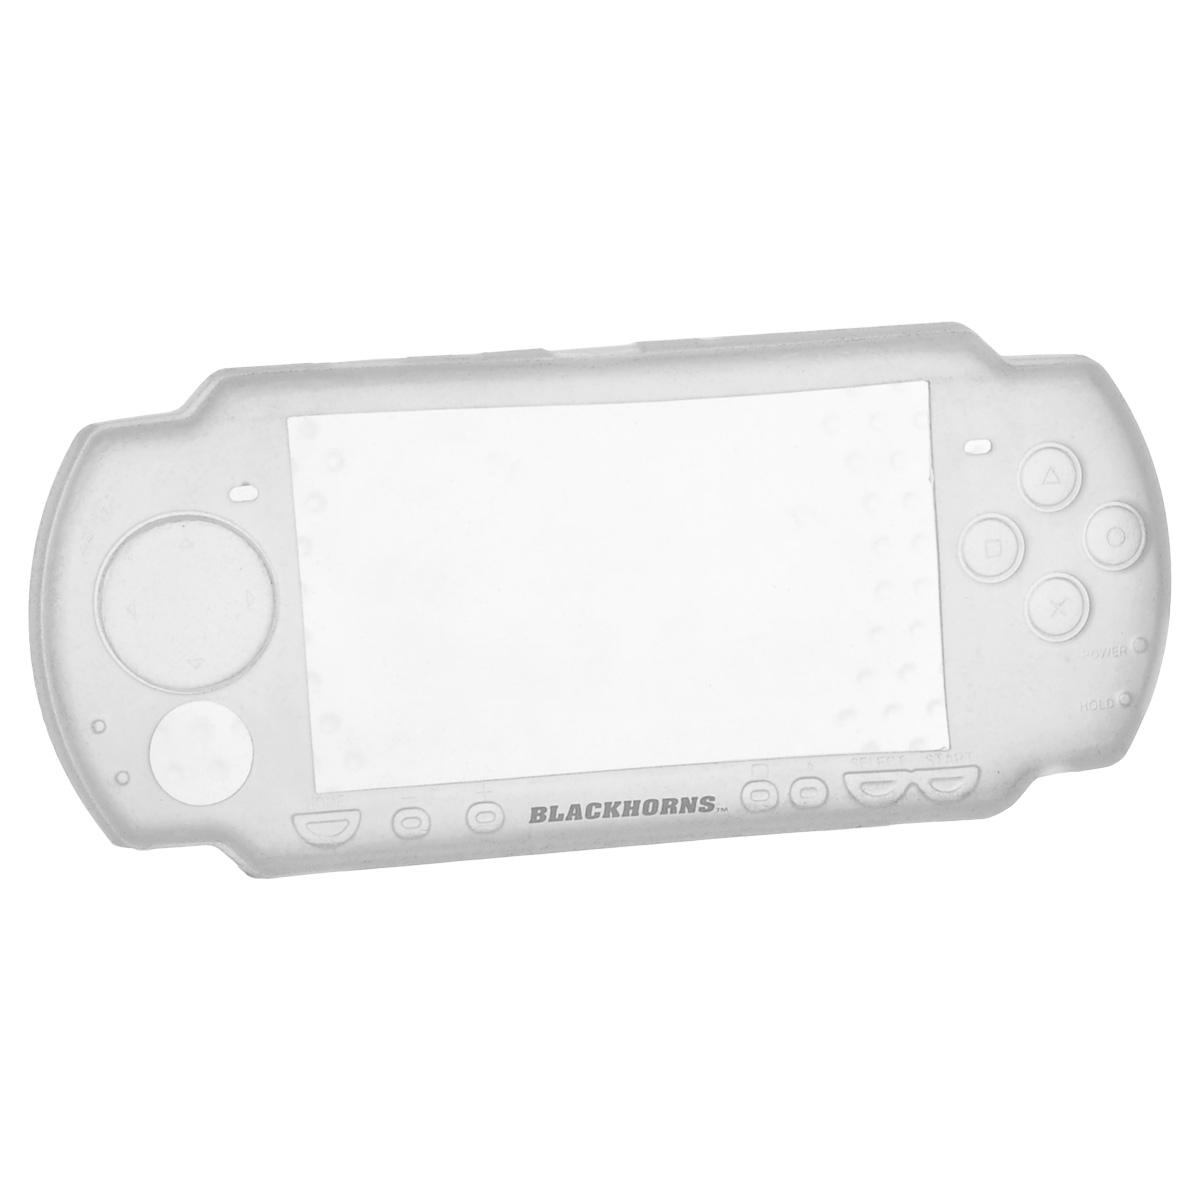 Набор аксессуаров с силиконовым чехлом 3 в 1 для Sony PSP Slim & Lite (белый)